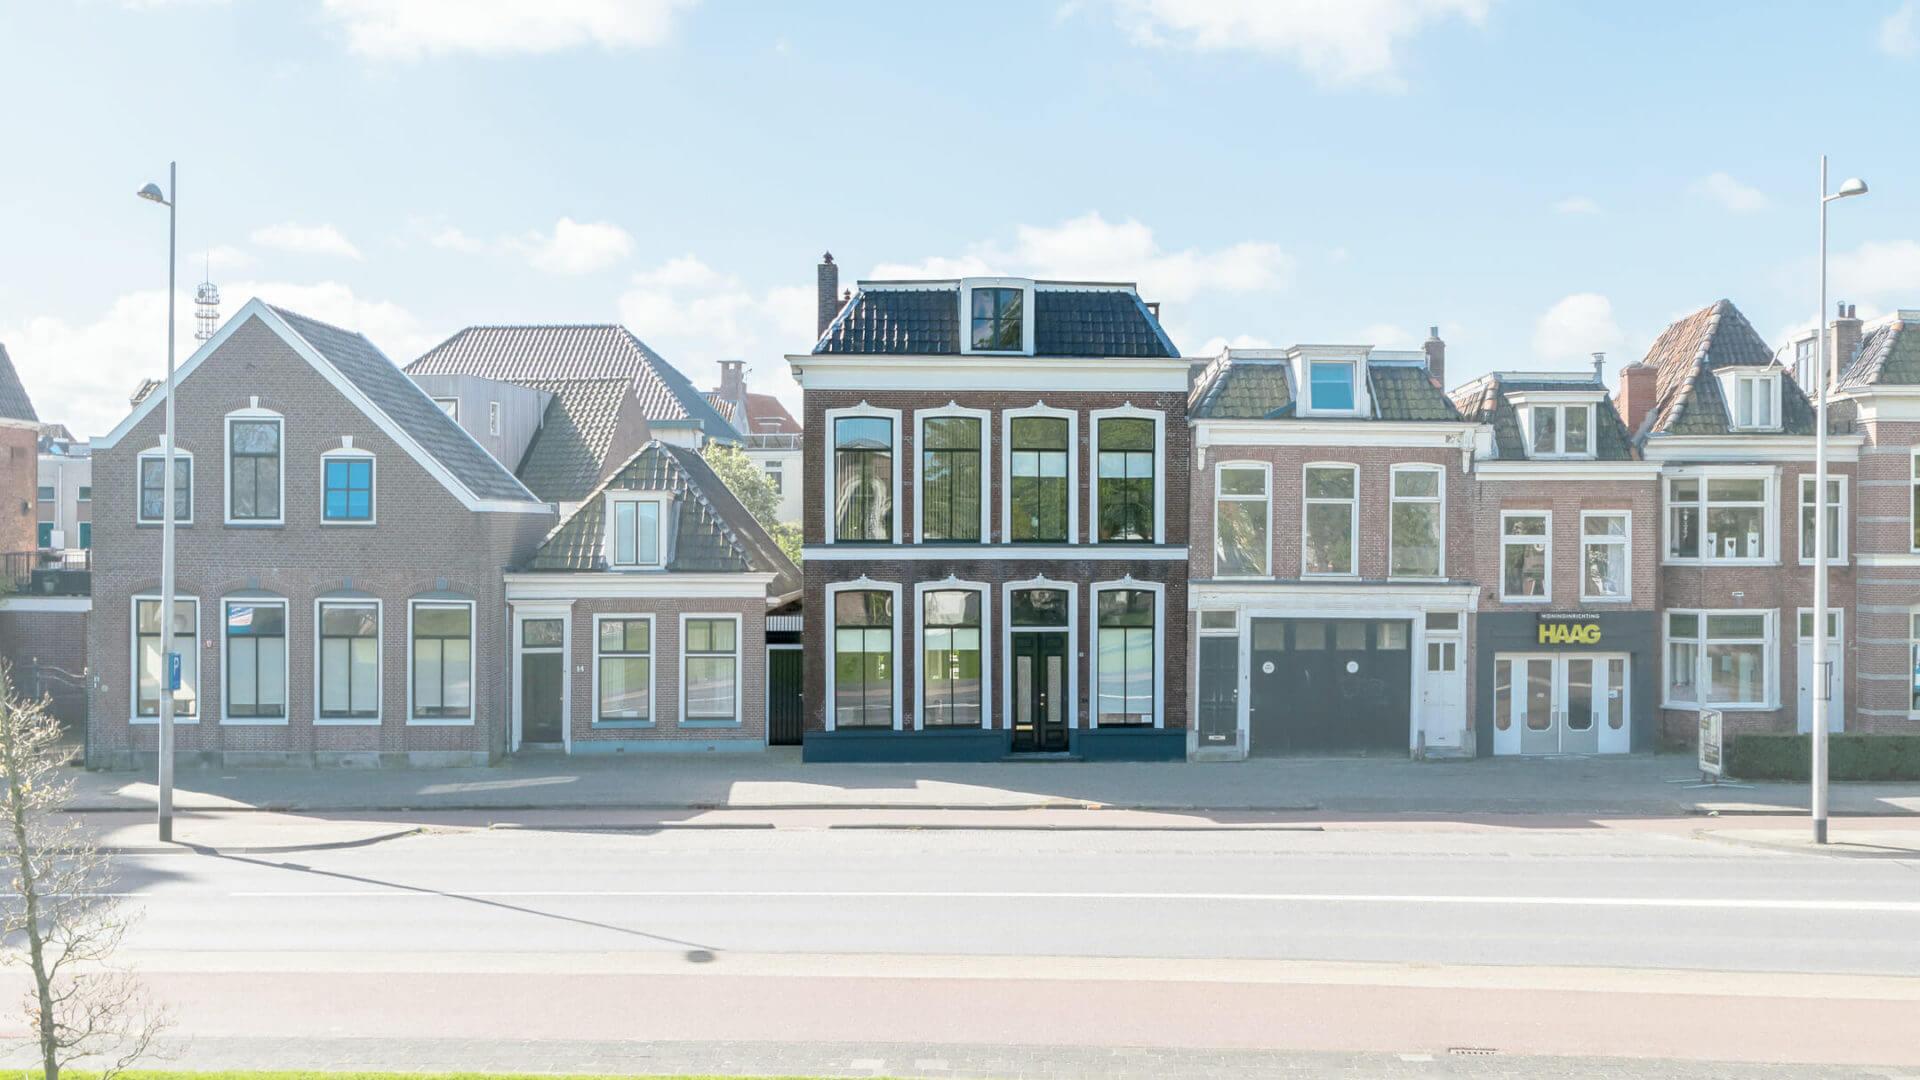 Herenhuis Leeuwarden - Friesland